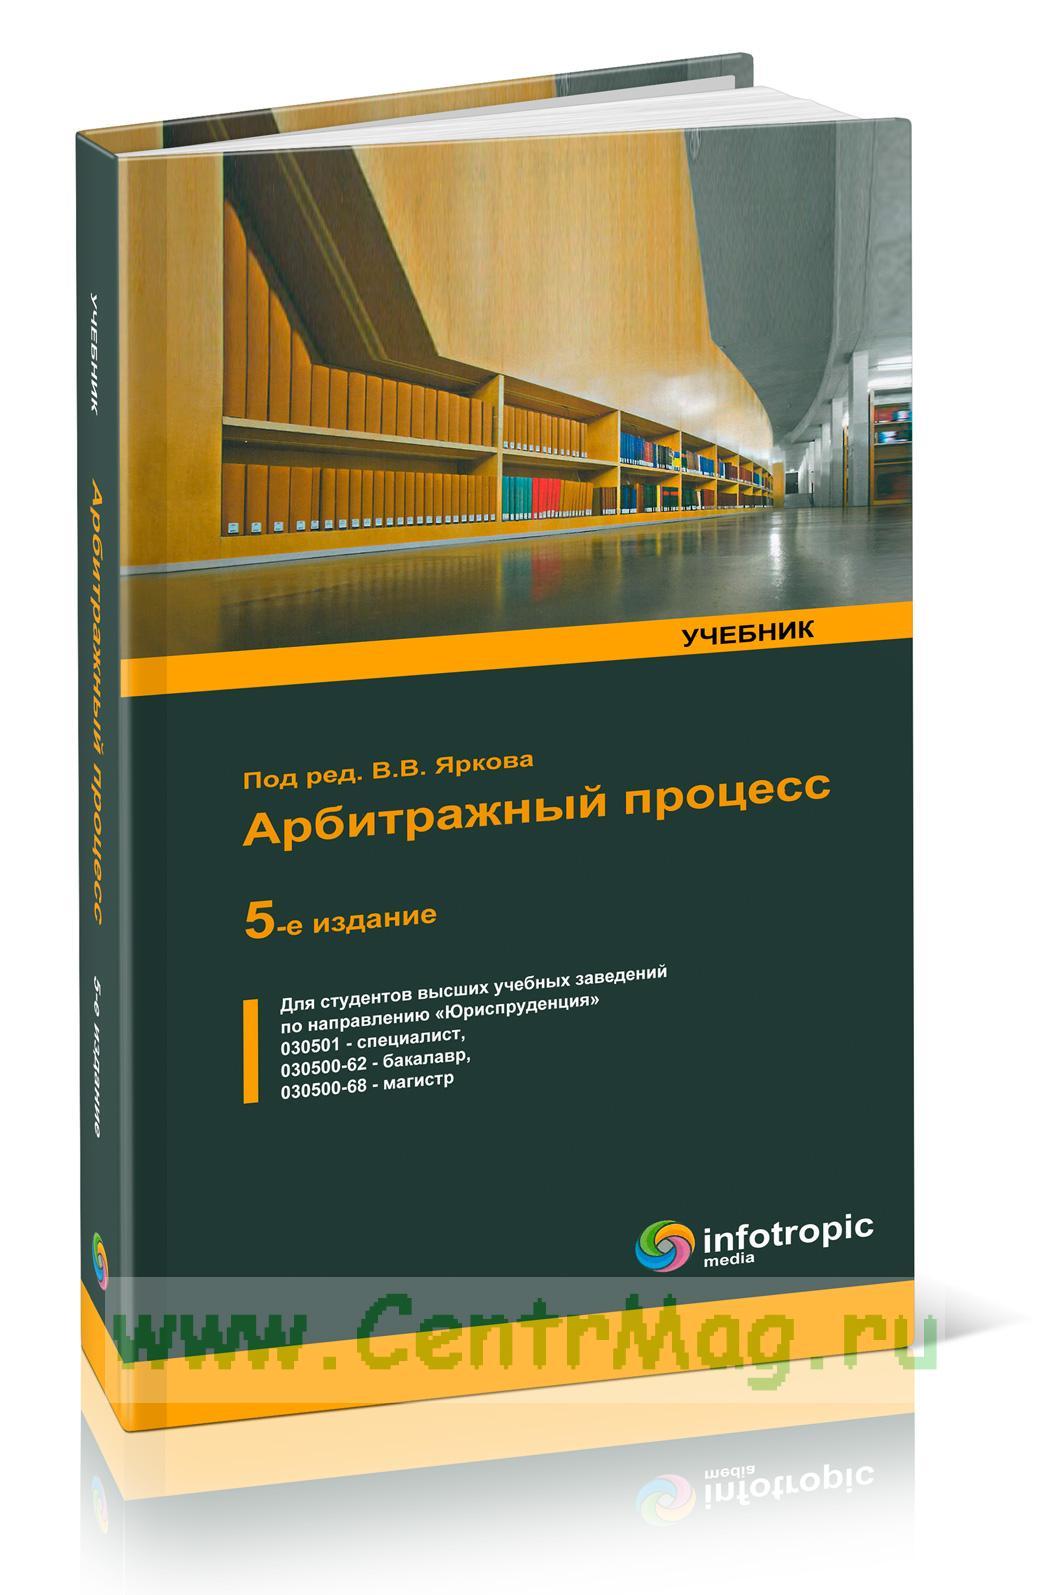 Арбитражный процесс: учебник (5-е издание, переработанное и дополненное)